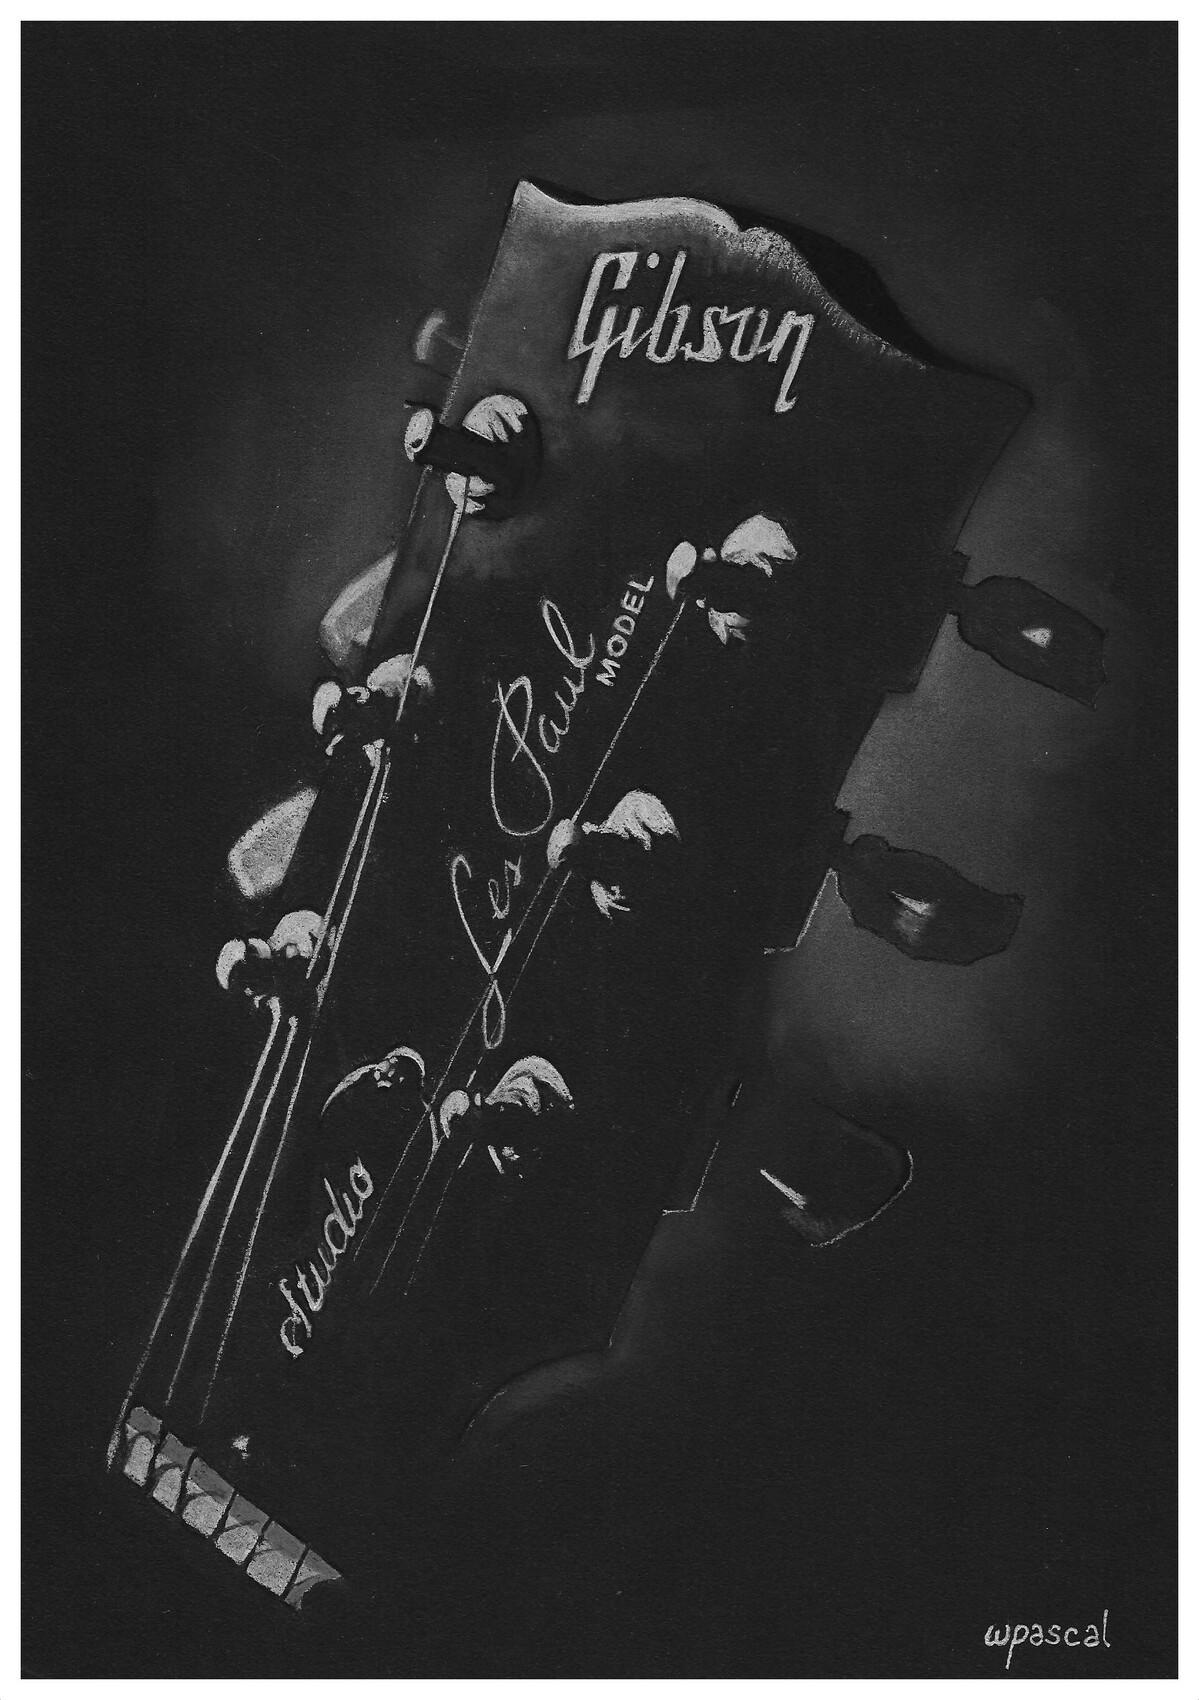 Tête de guitare Gibson Les Paul